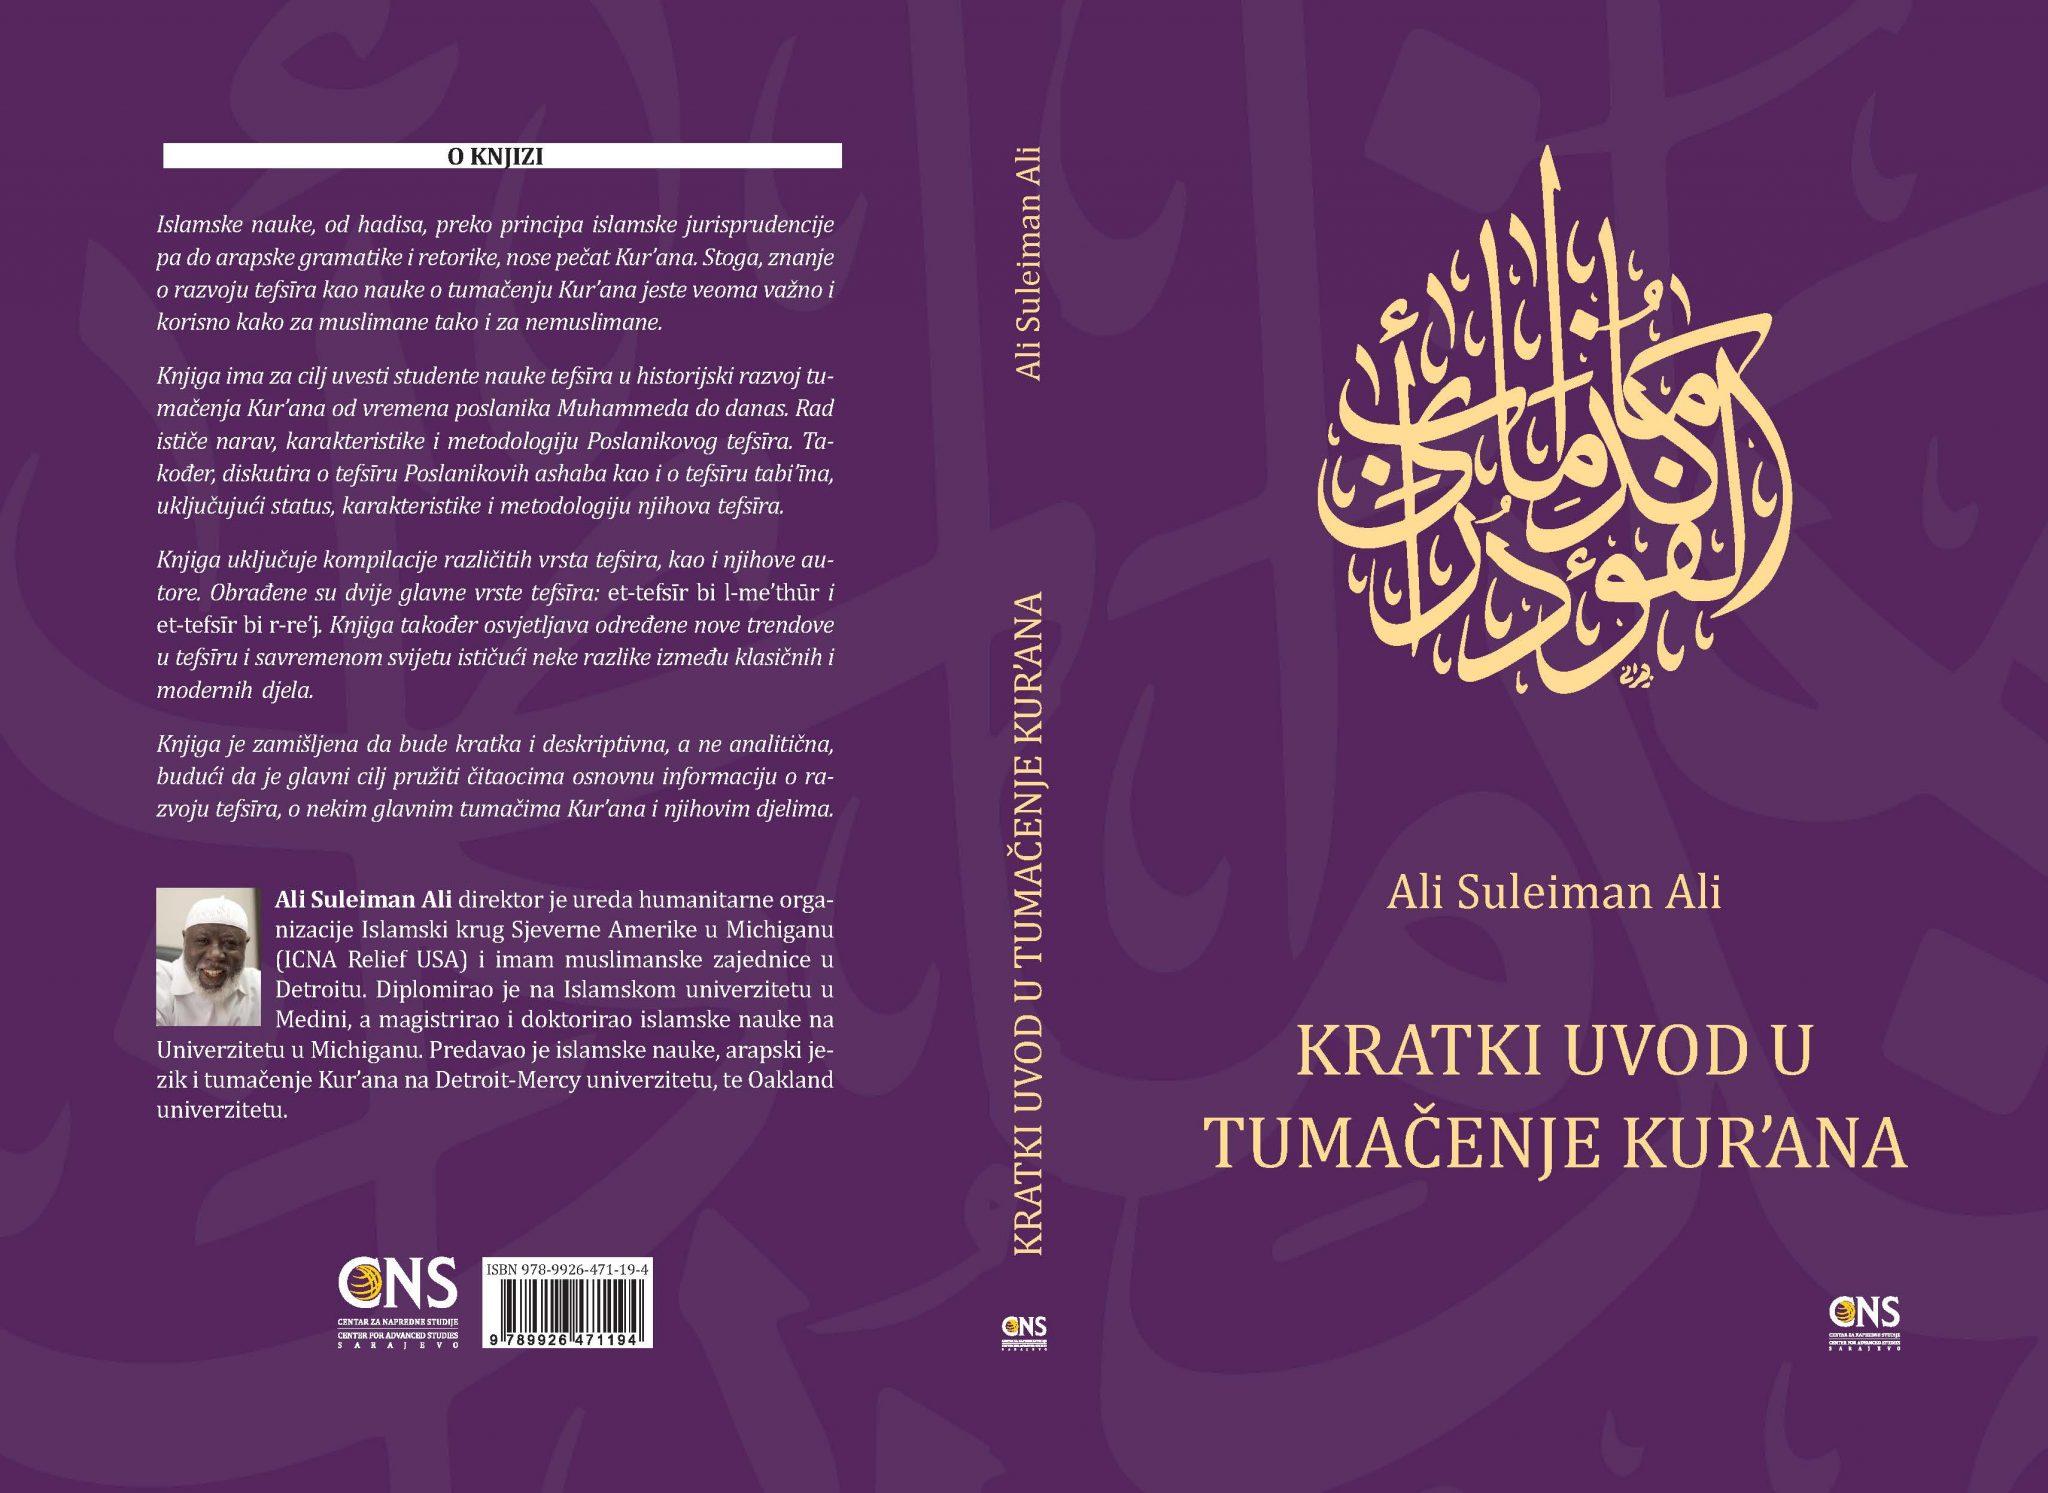 Kratki uvod u tumačenje Kur'ana